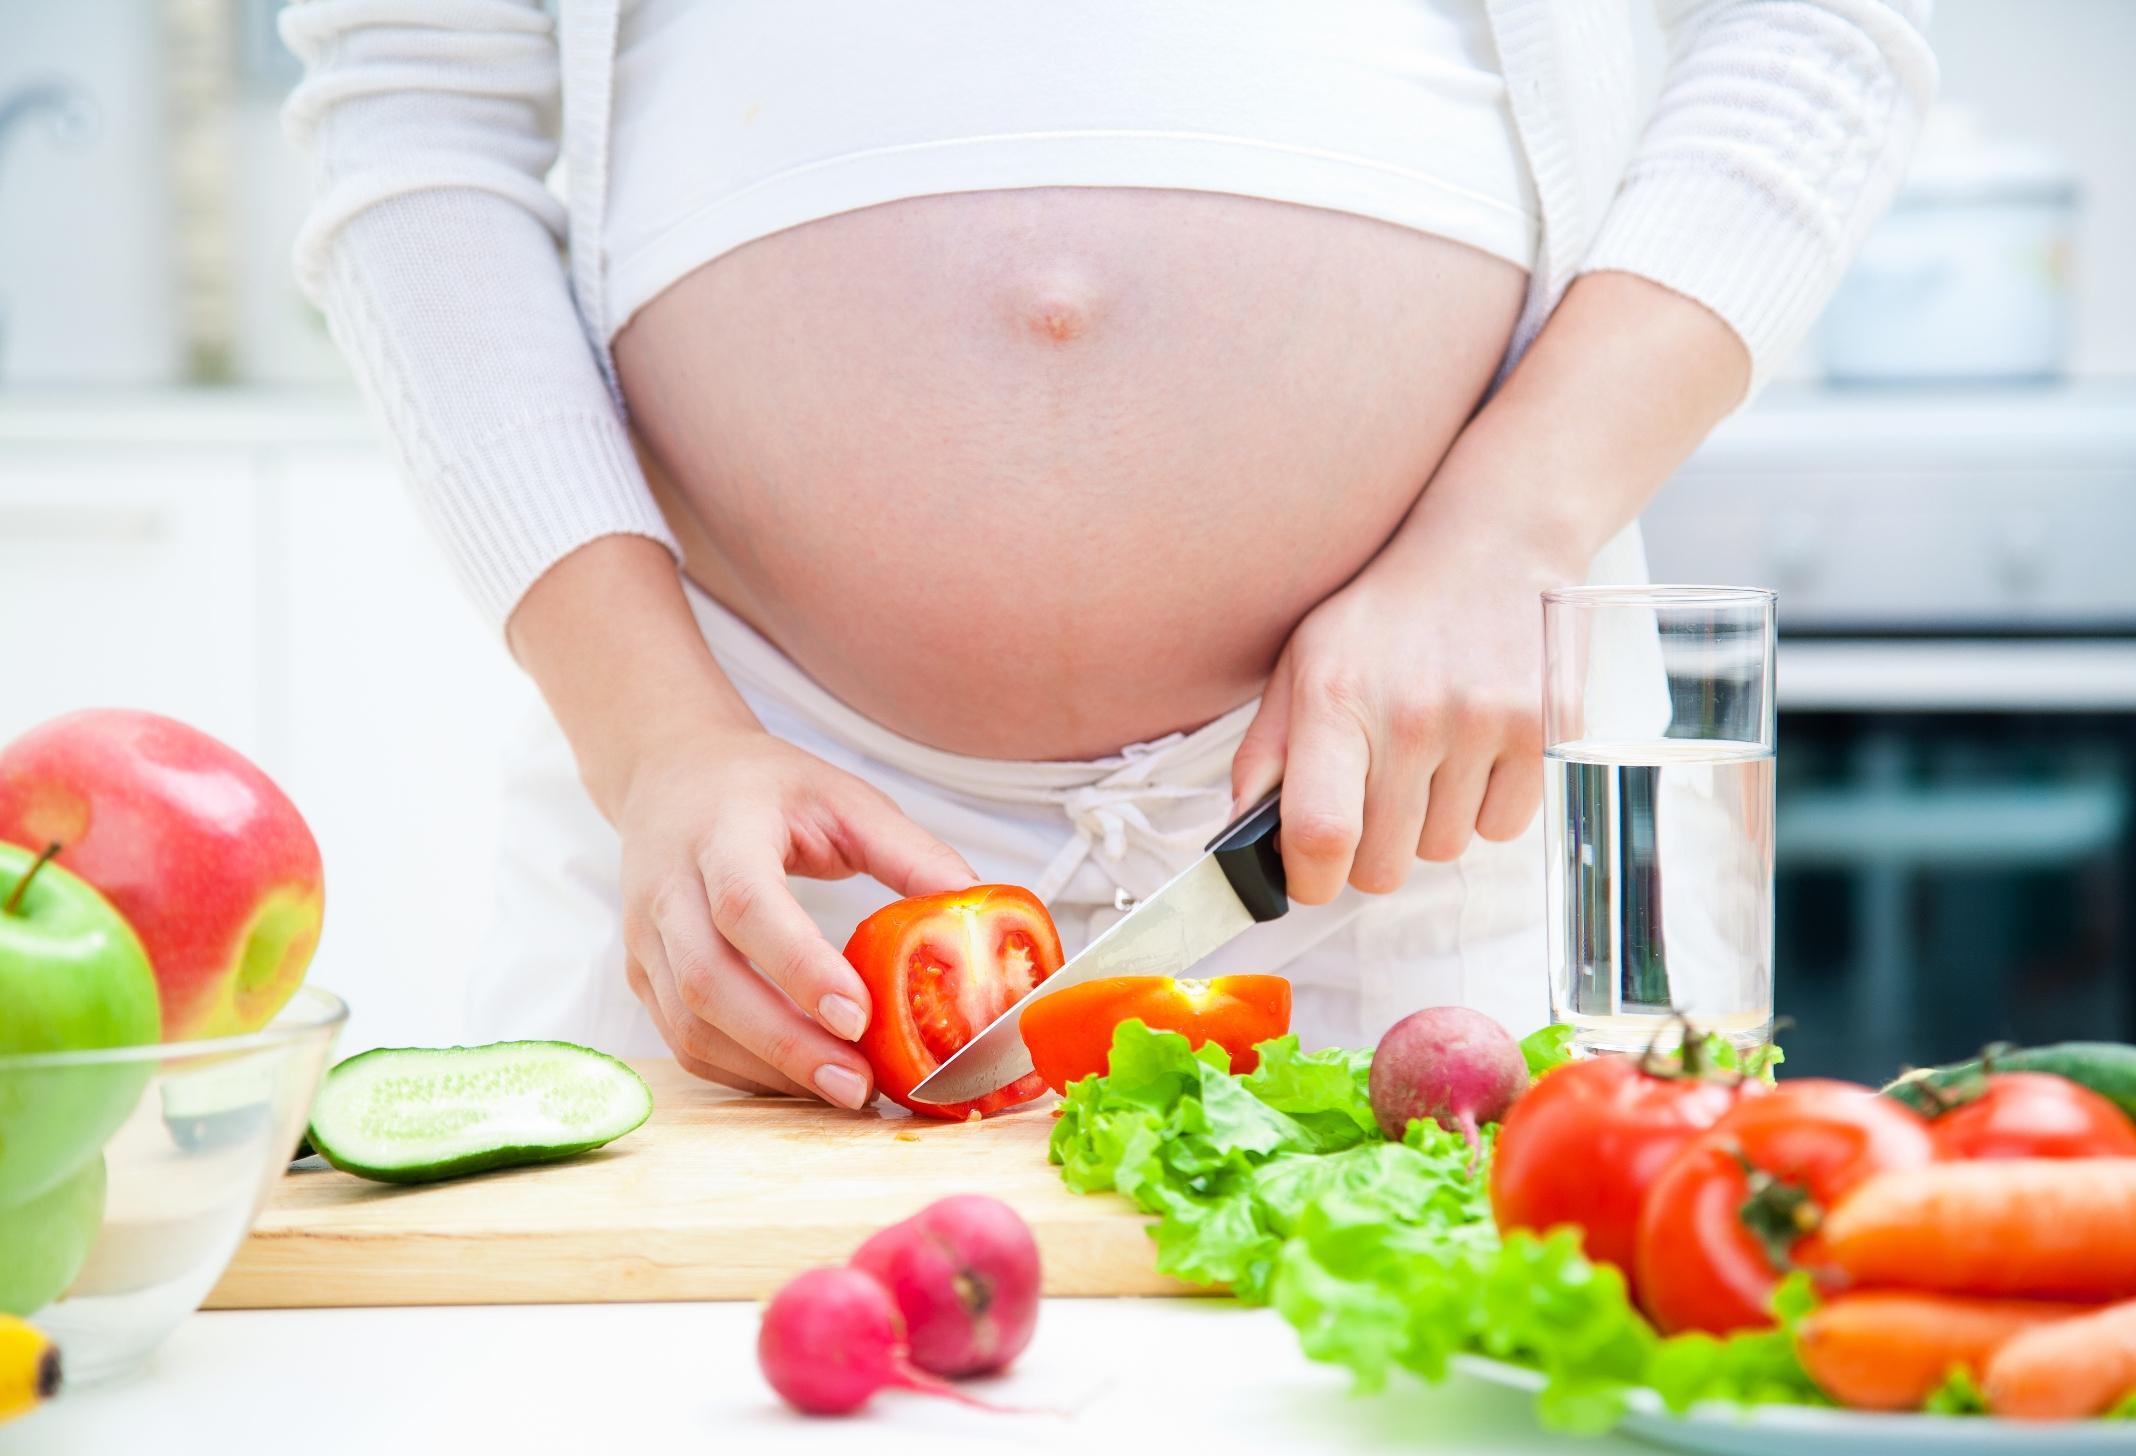 Phụ nữ sau sinh không nên ăn gì?